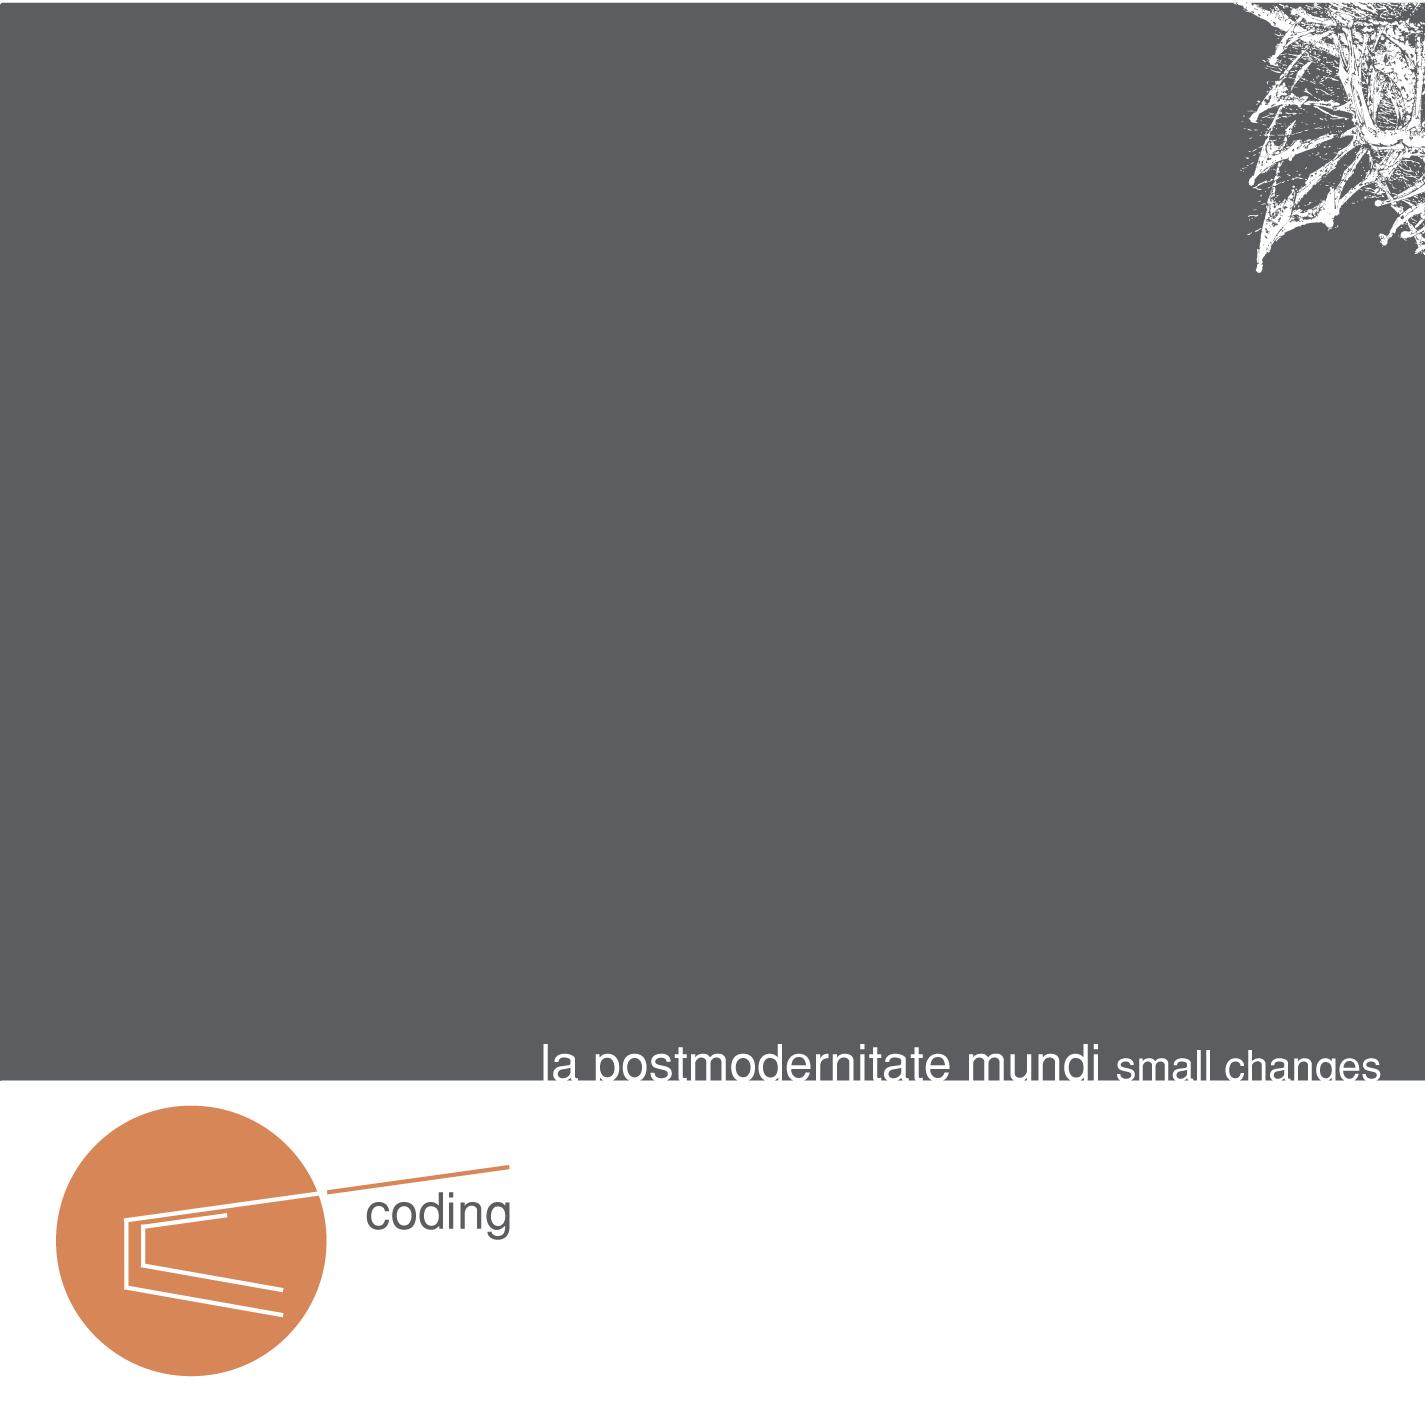 chill21-08 - Coding - la postmodernitate mundi